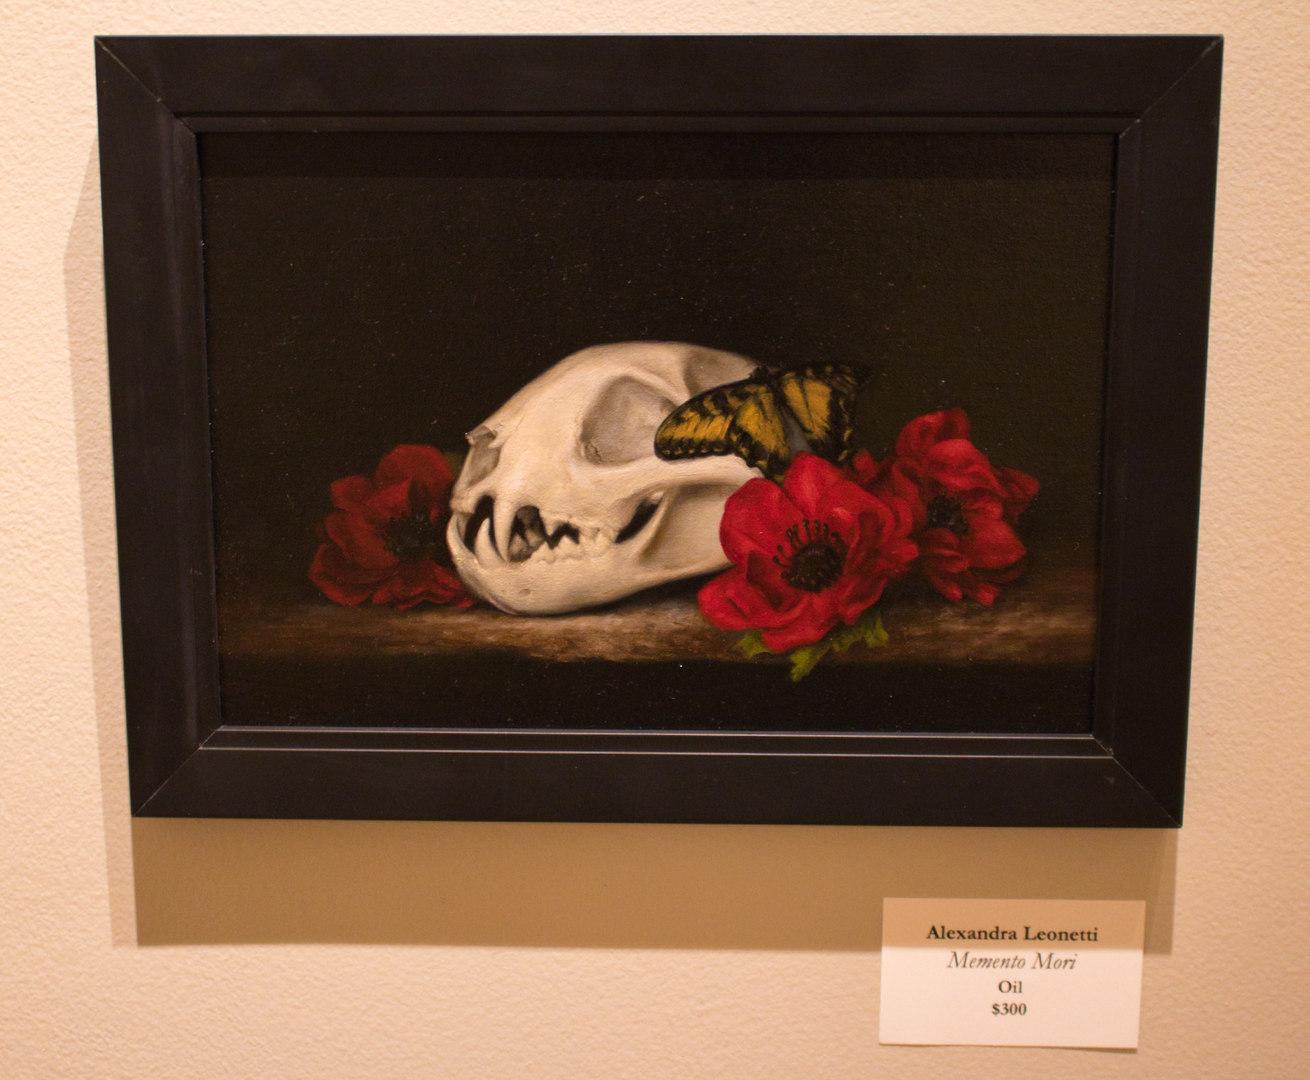 Memento Mori by Alexandra Leonetti